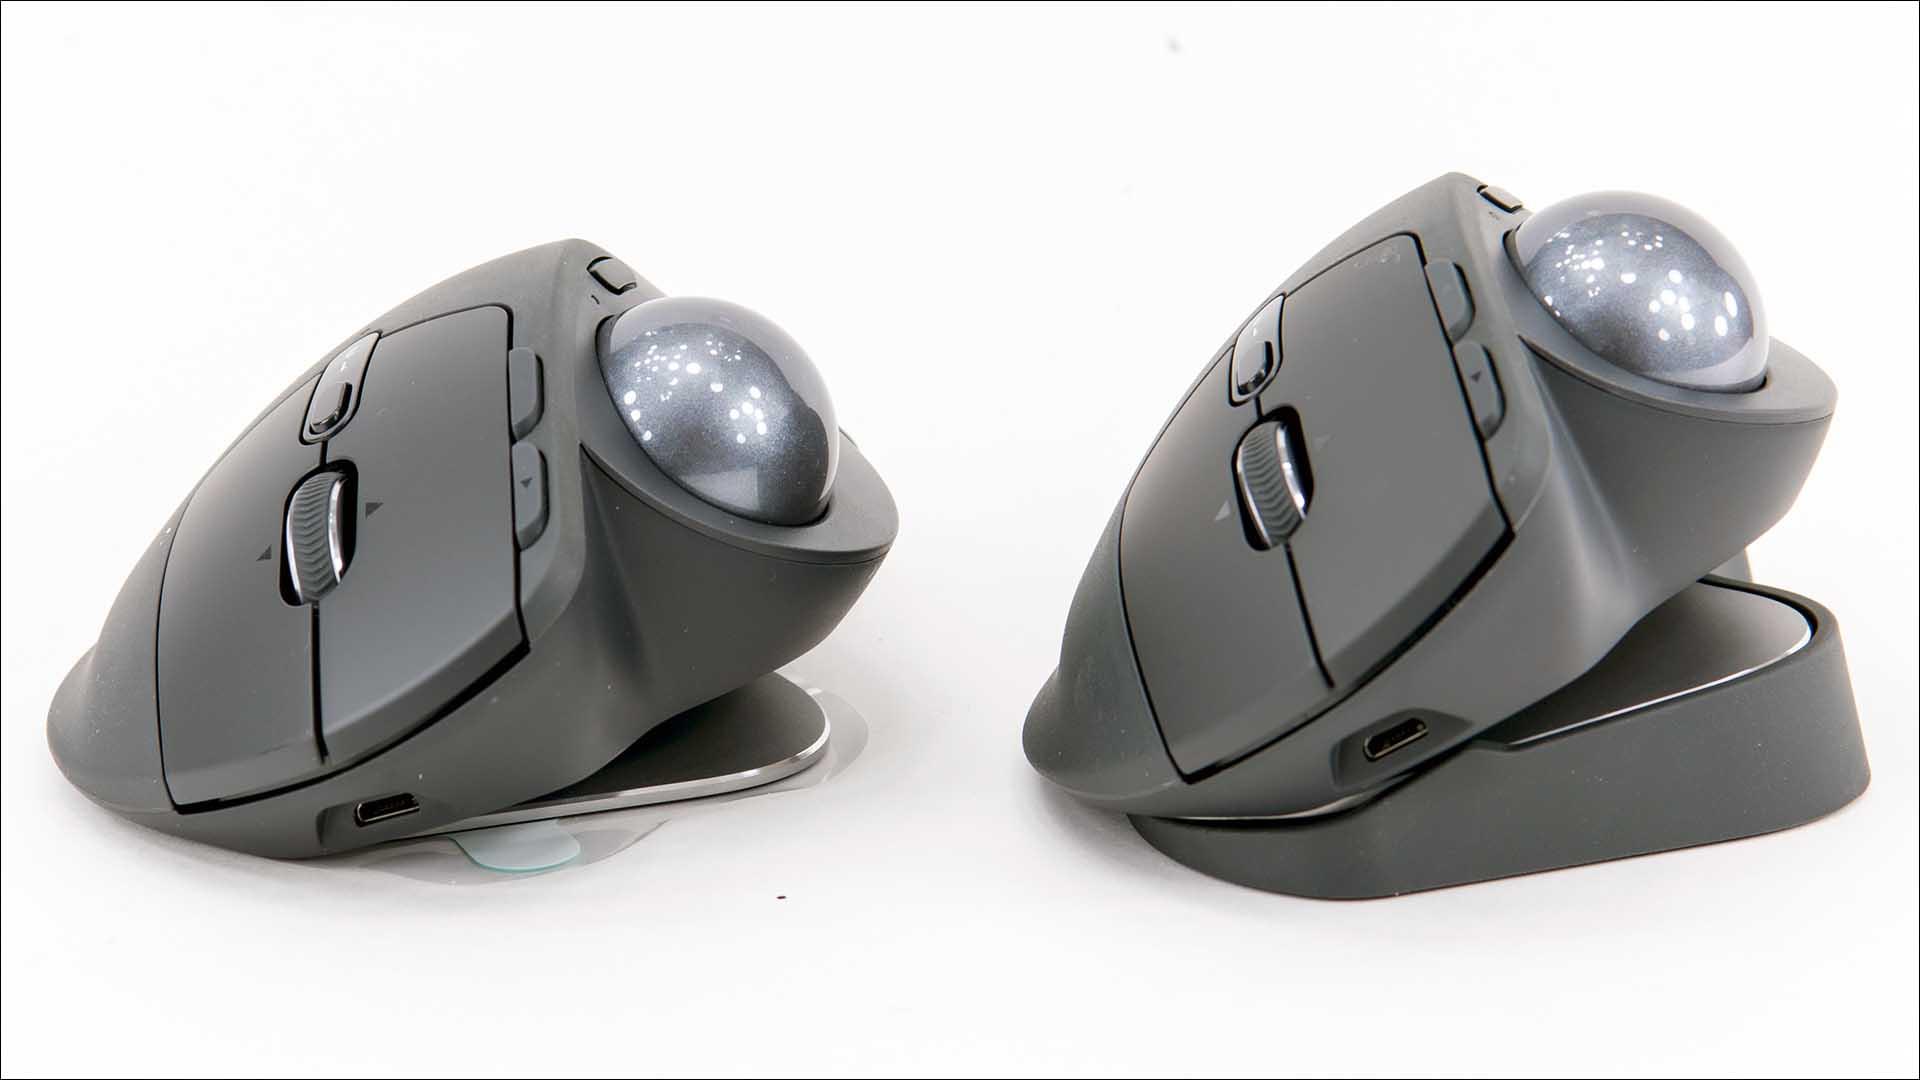 Logitech MX Ergo & MX Ergo Plus vs M570 vs ELECOM: The Battle of the